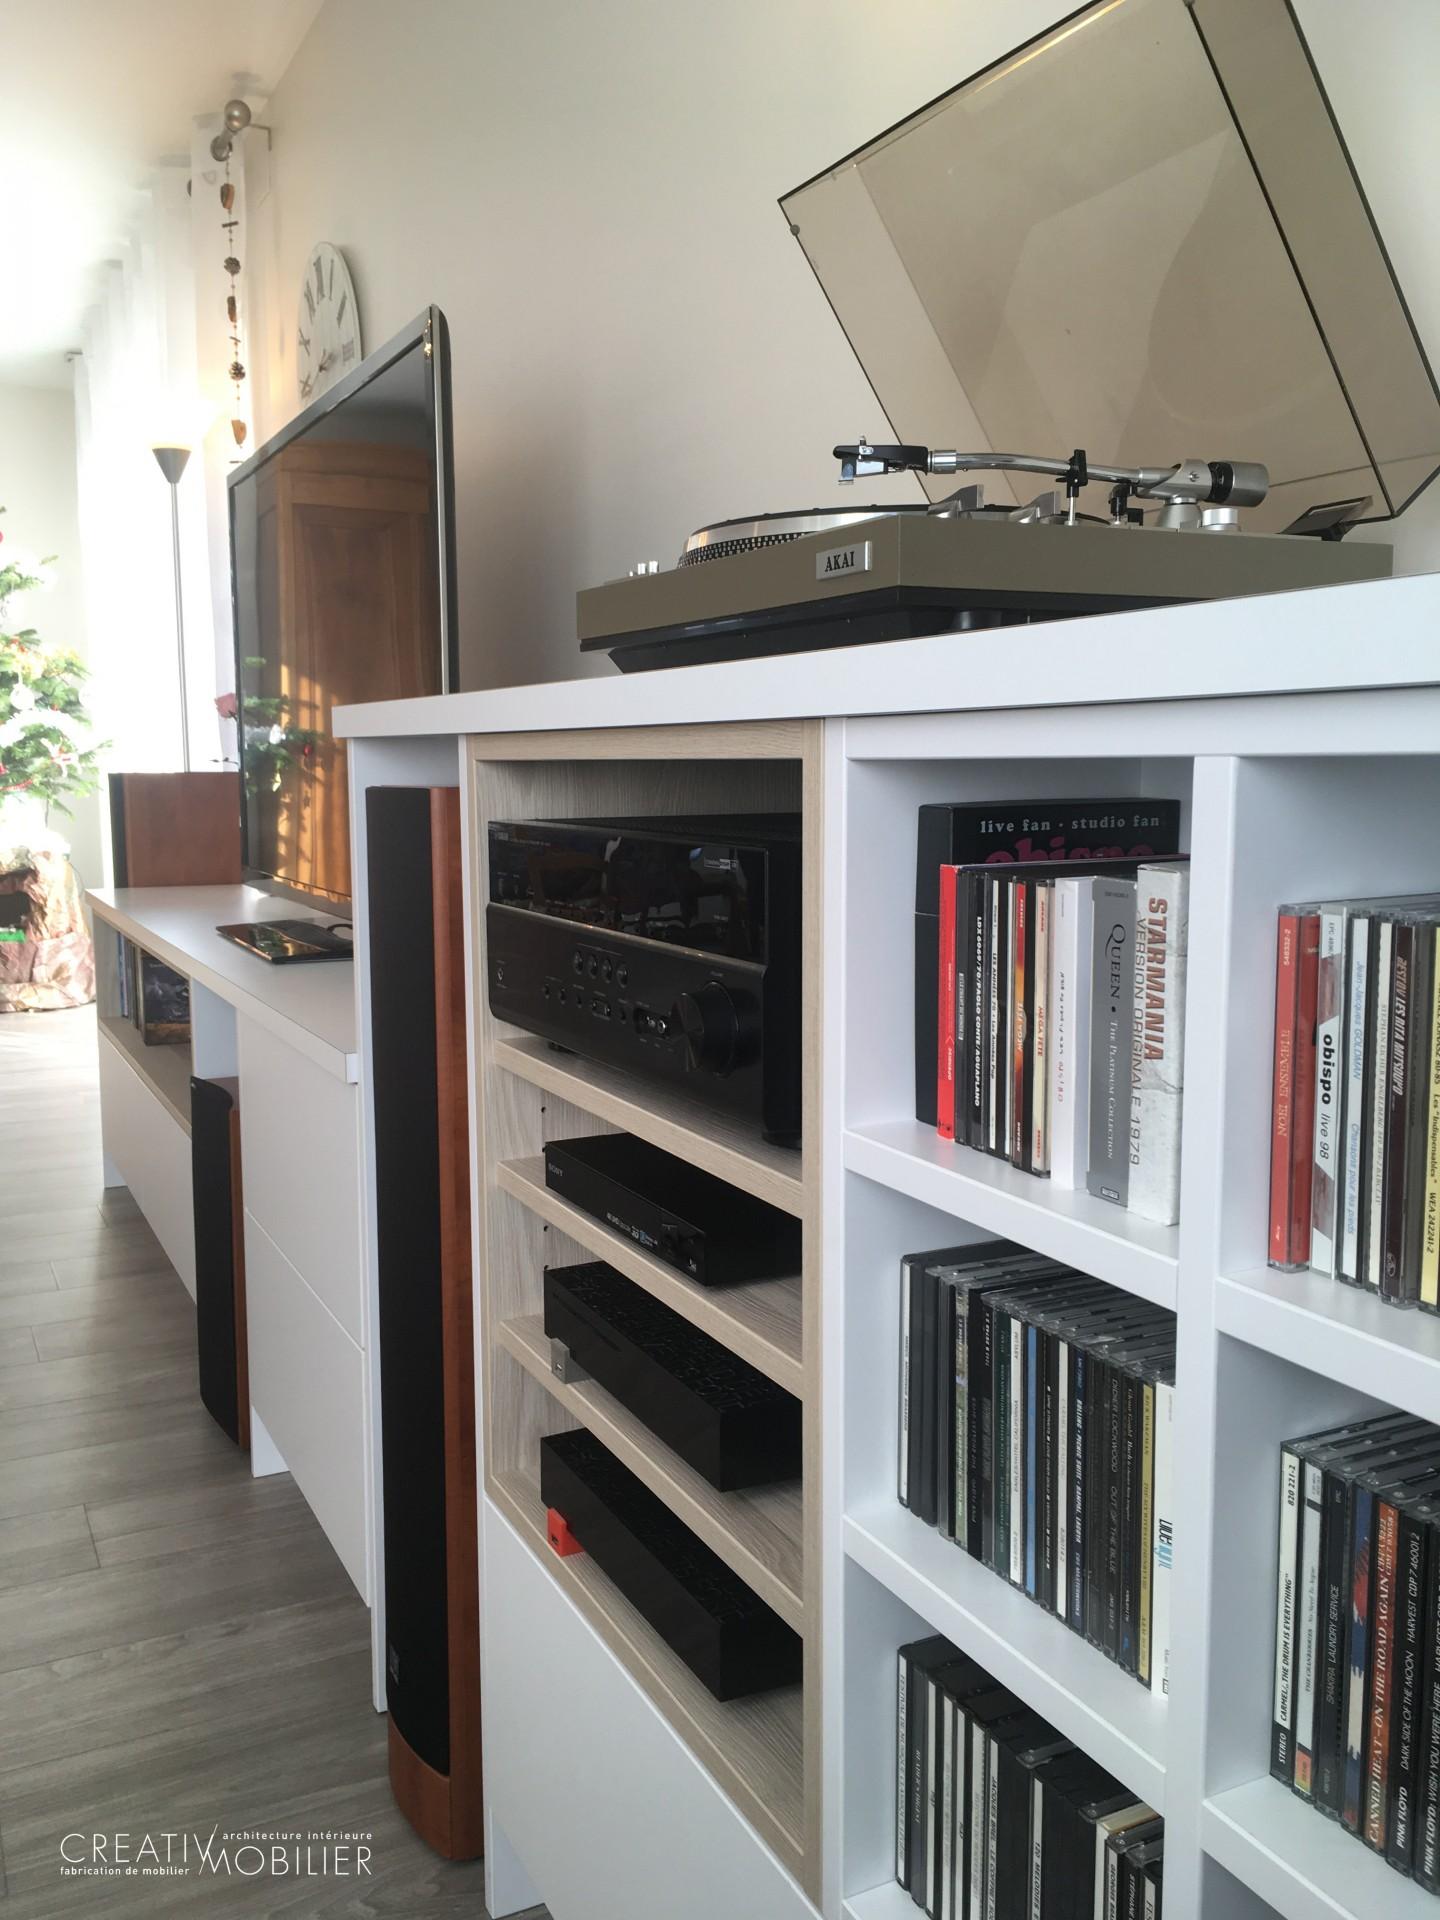 Am nagement d un meuble tv biblioth que creativ mobilier - Decirage d un meuble ...